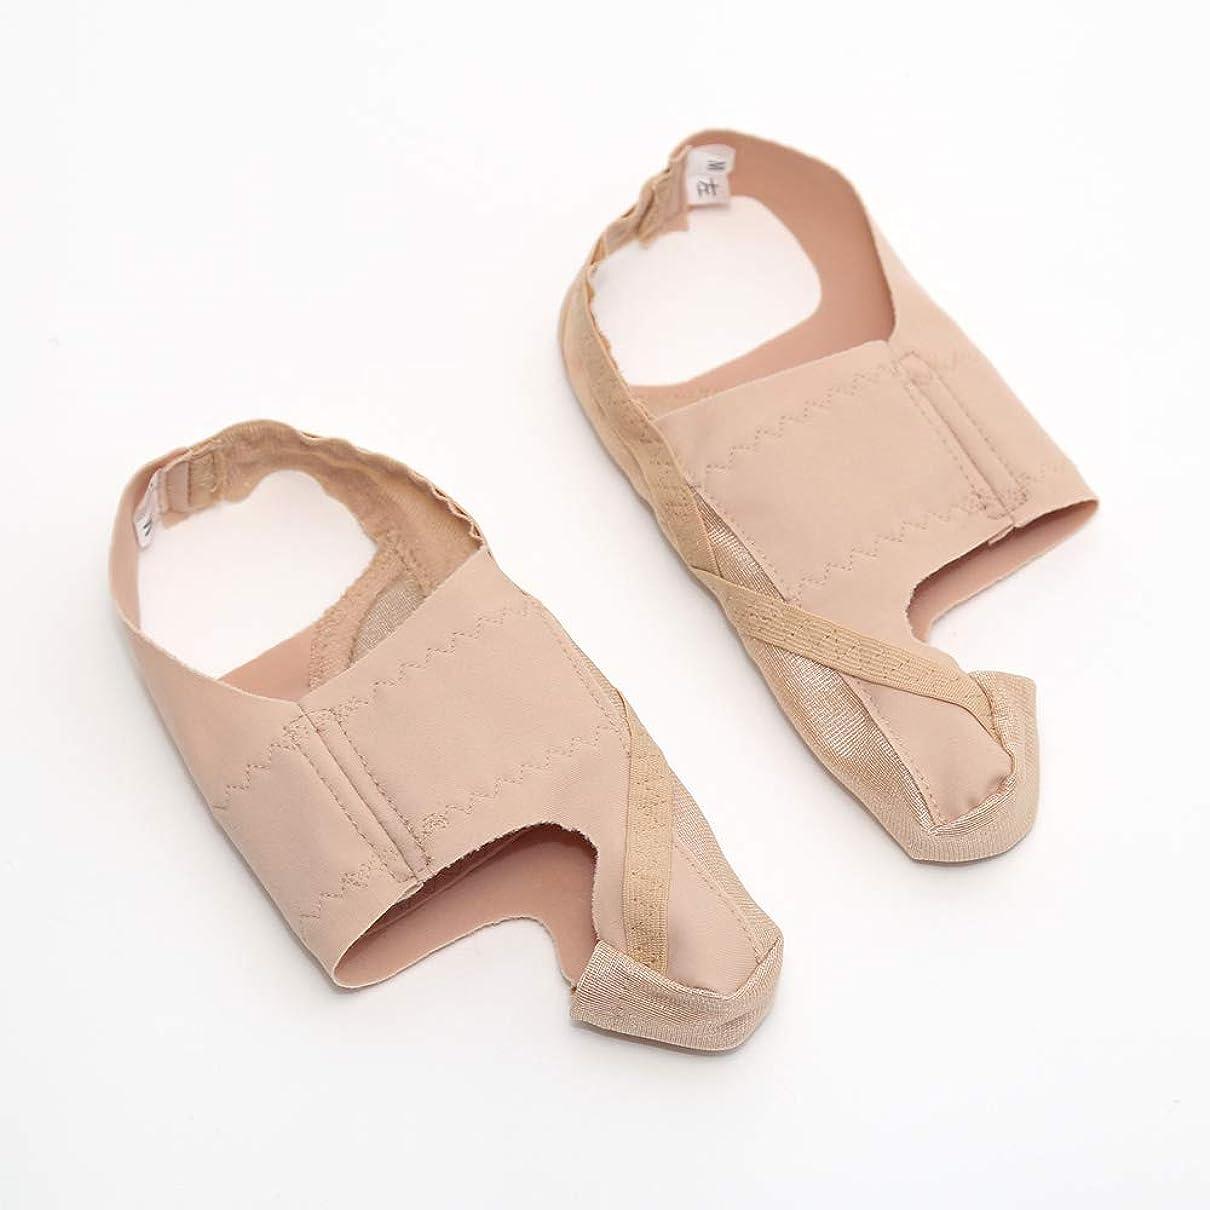 ヘルシー暴君ほめる靴も履けるんデス EX Mサイズ コエンザイムQ10 美容エッセンスマスク付セット